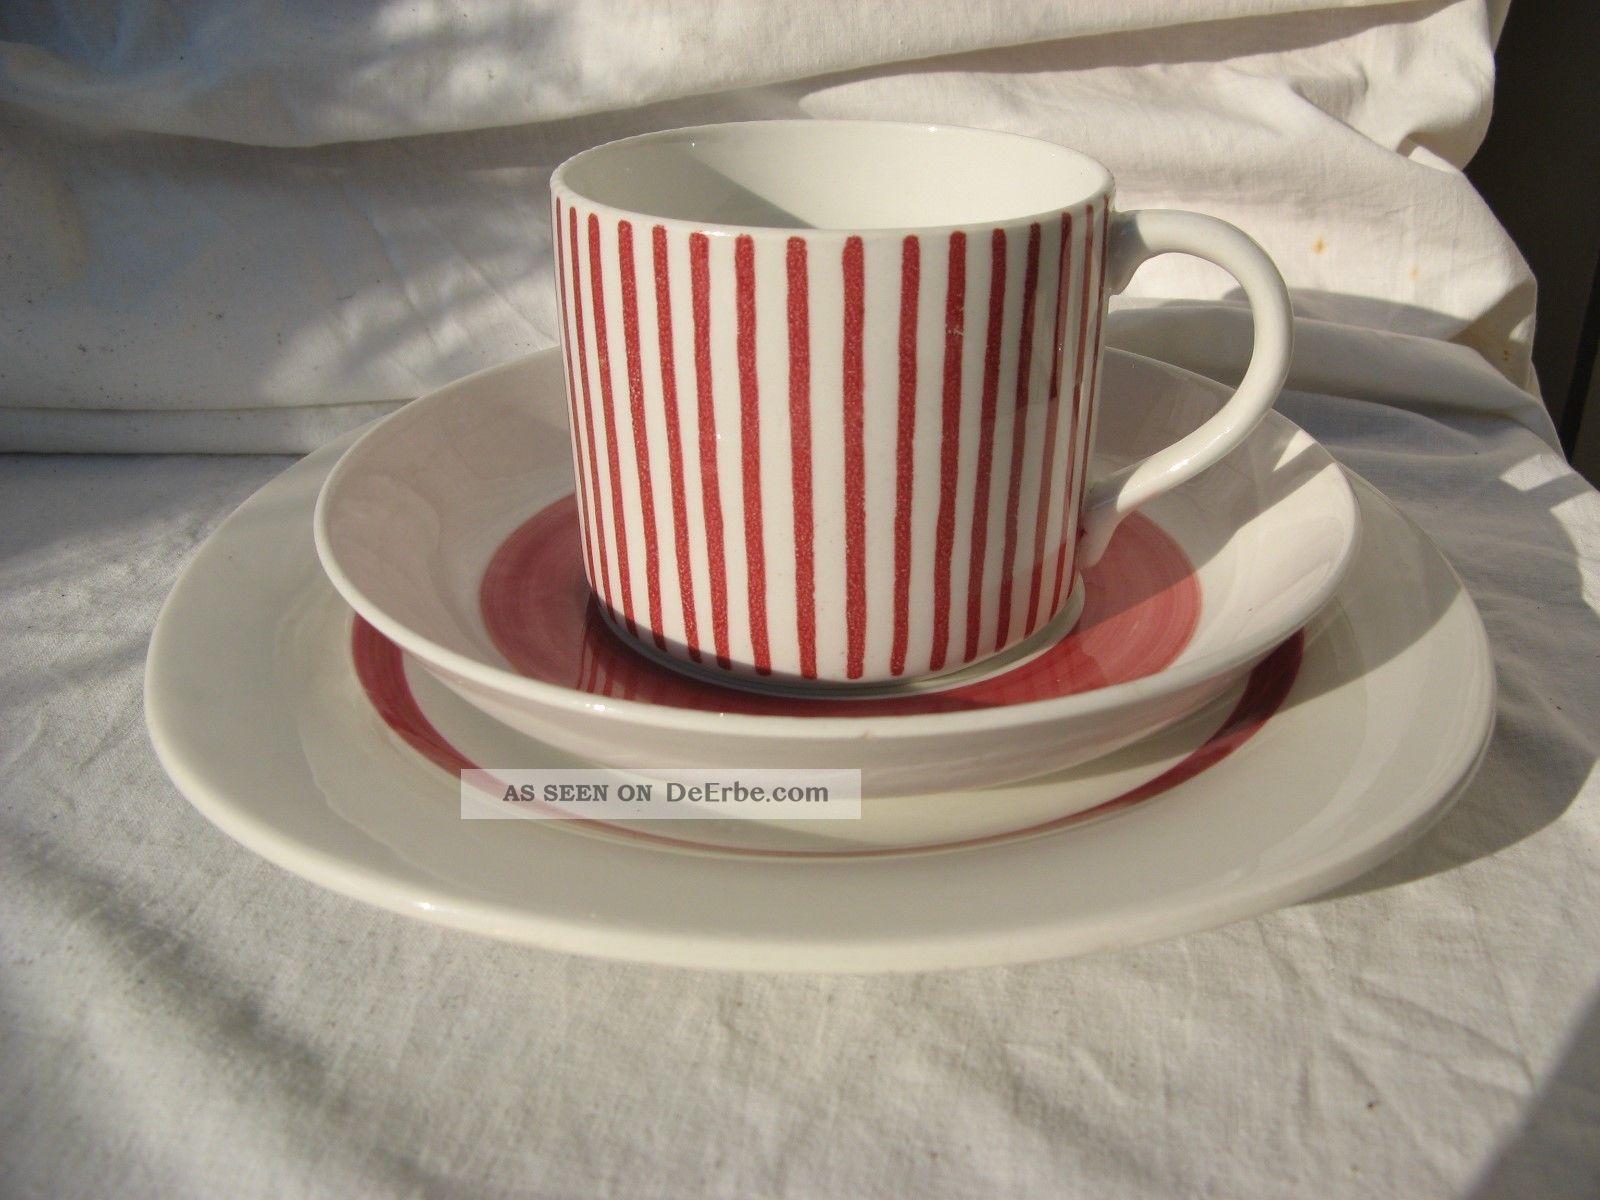 Porzellan Keramik Keramik Nach Marke Herkunft